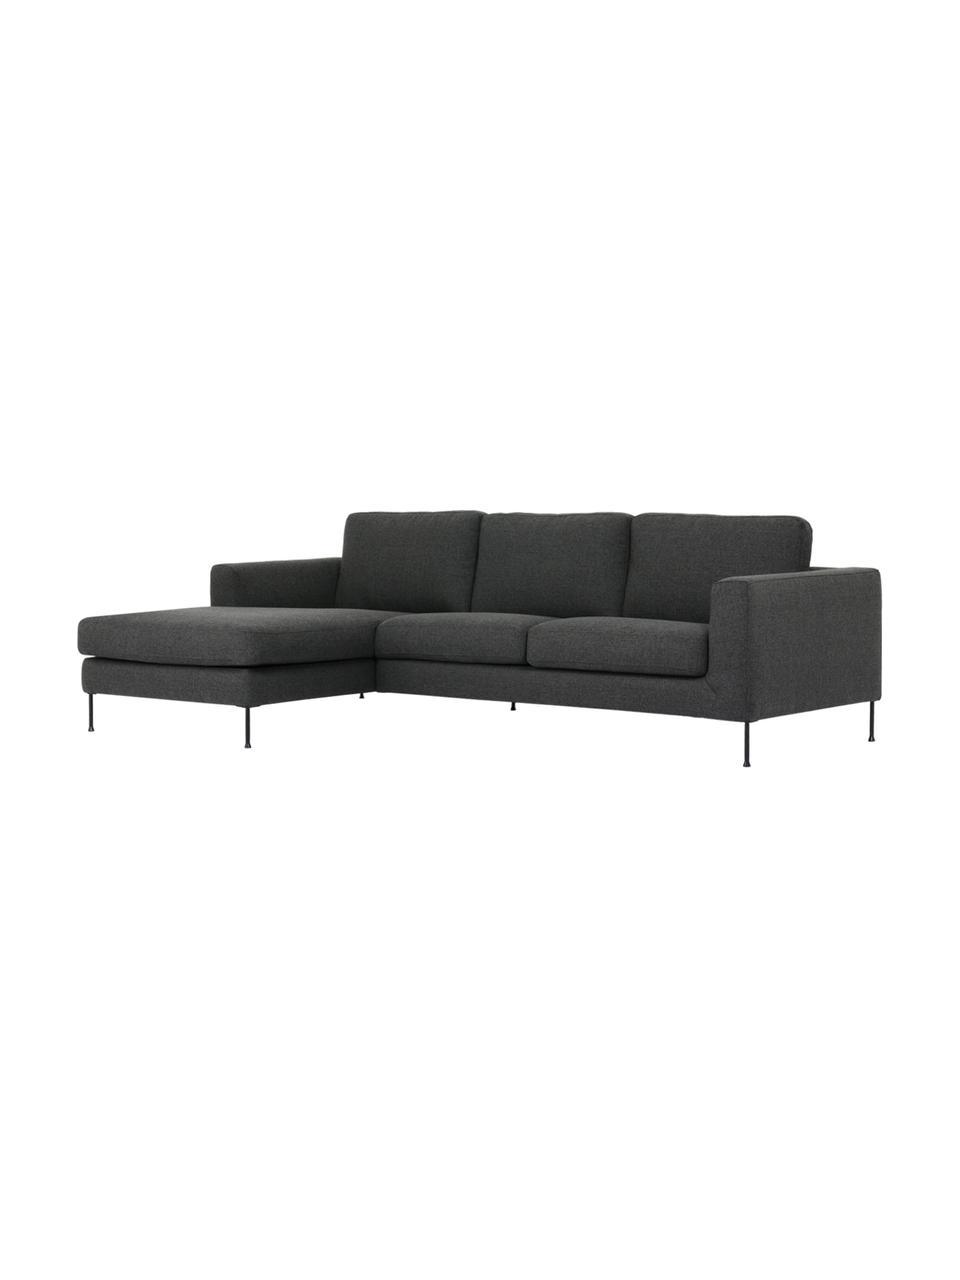 Sofa narożna z metalowymi nogami Cucita (3-osobowa), Tapicerka: tkanina (poliester) Dzięk, Nogi: metal lakierowany, Antracytowy, S 262 x G 163 cm